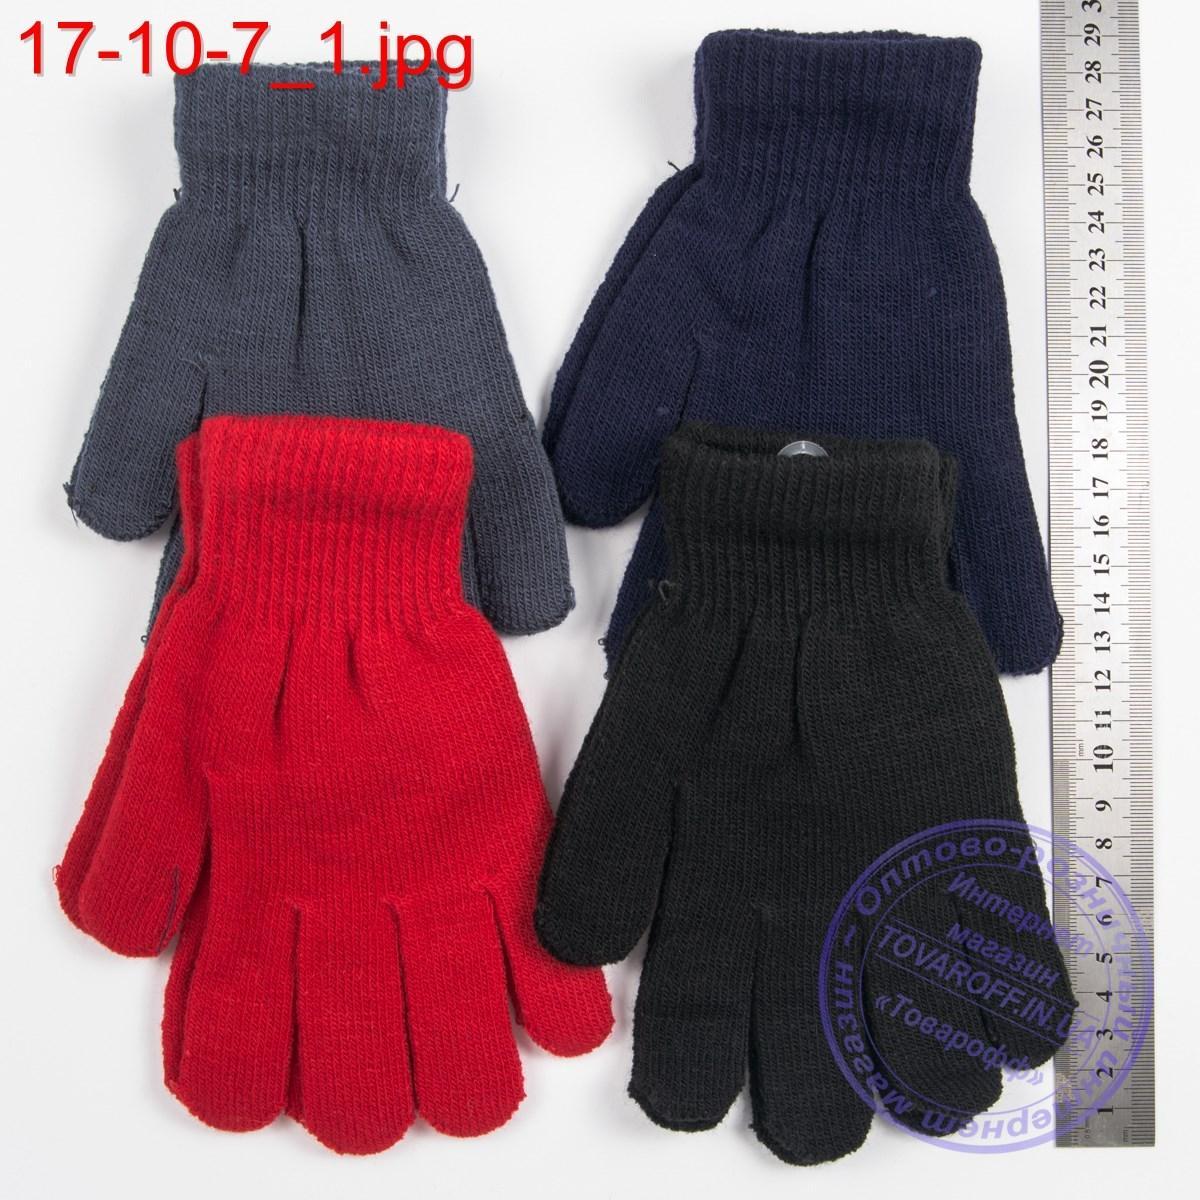 Оптом трикотажные перчатки для мальчиков и девочек на 9, 10, 11, 12, 13 лет - №17-10-6